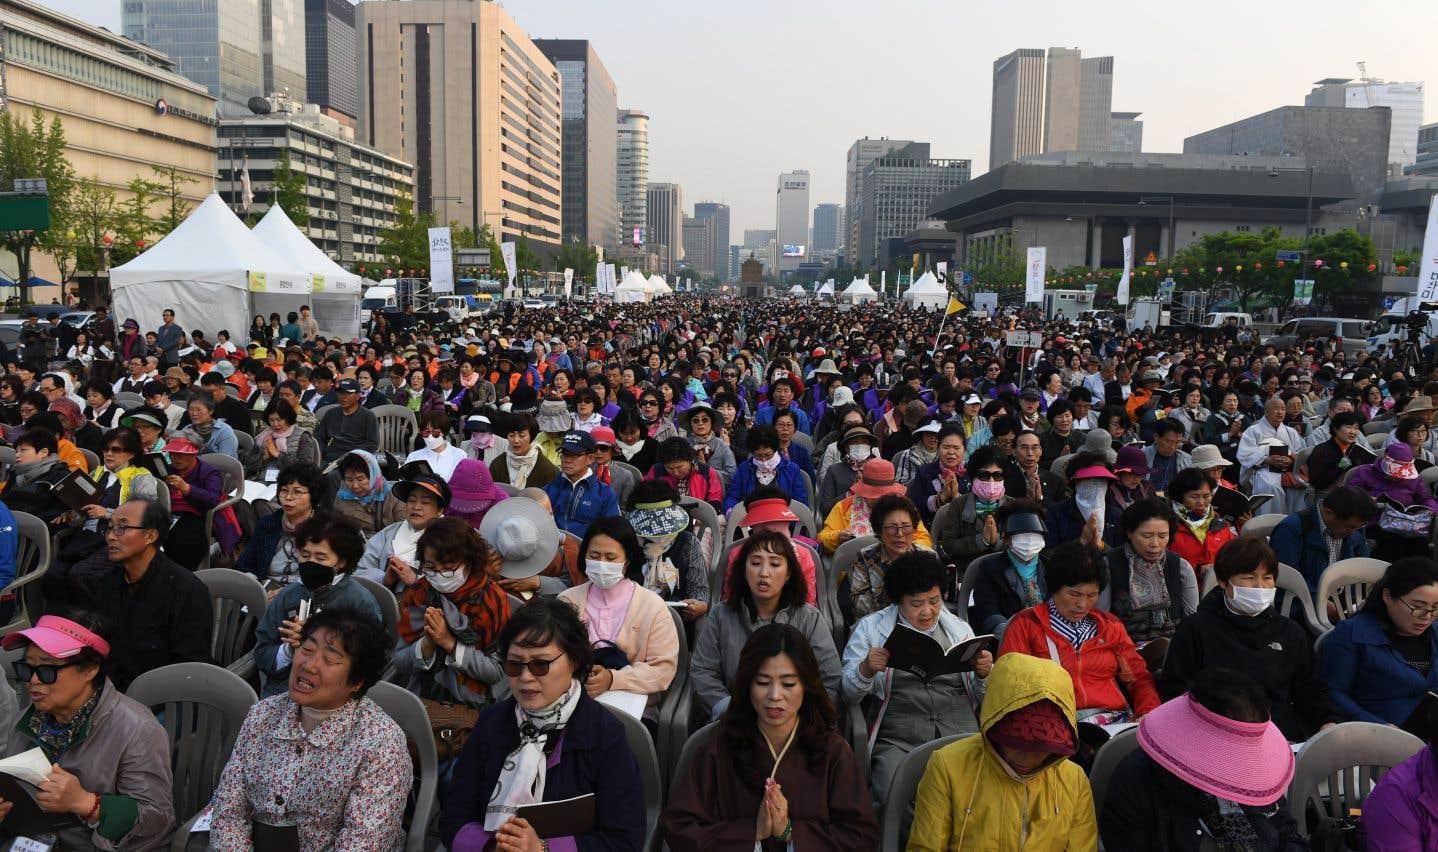 Des milliers de croyants assistent à une cérémonie bouddhiste en appui au processus de paix entre les deux Corées, à Séoul.